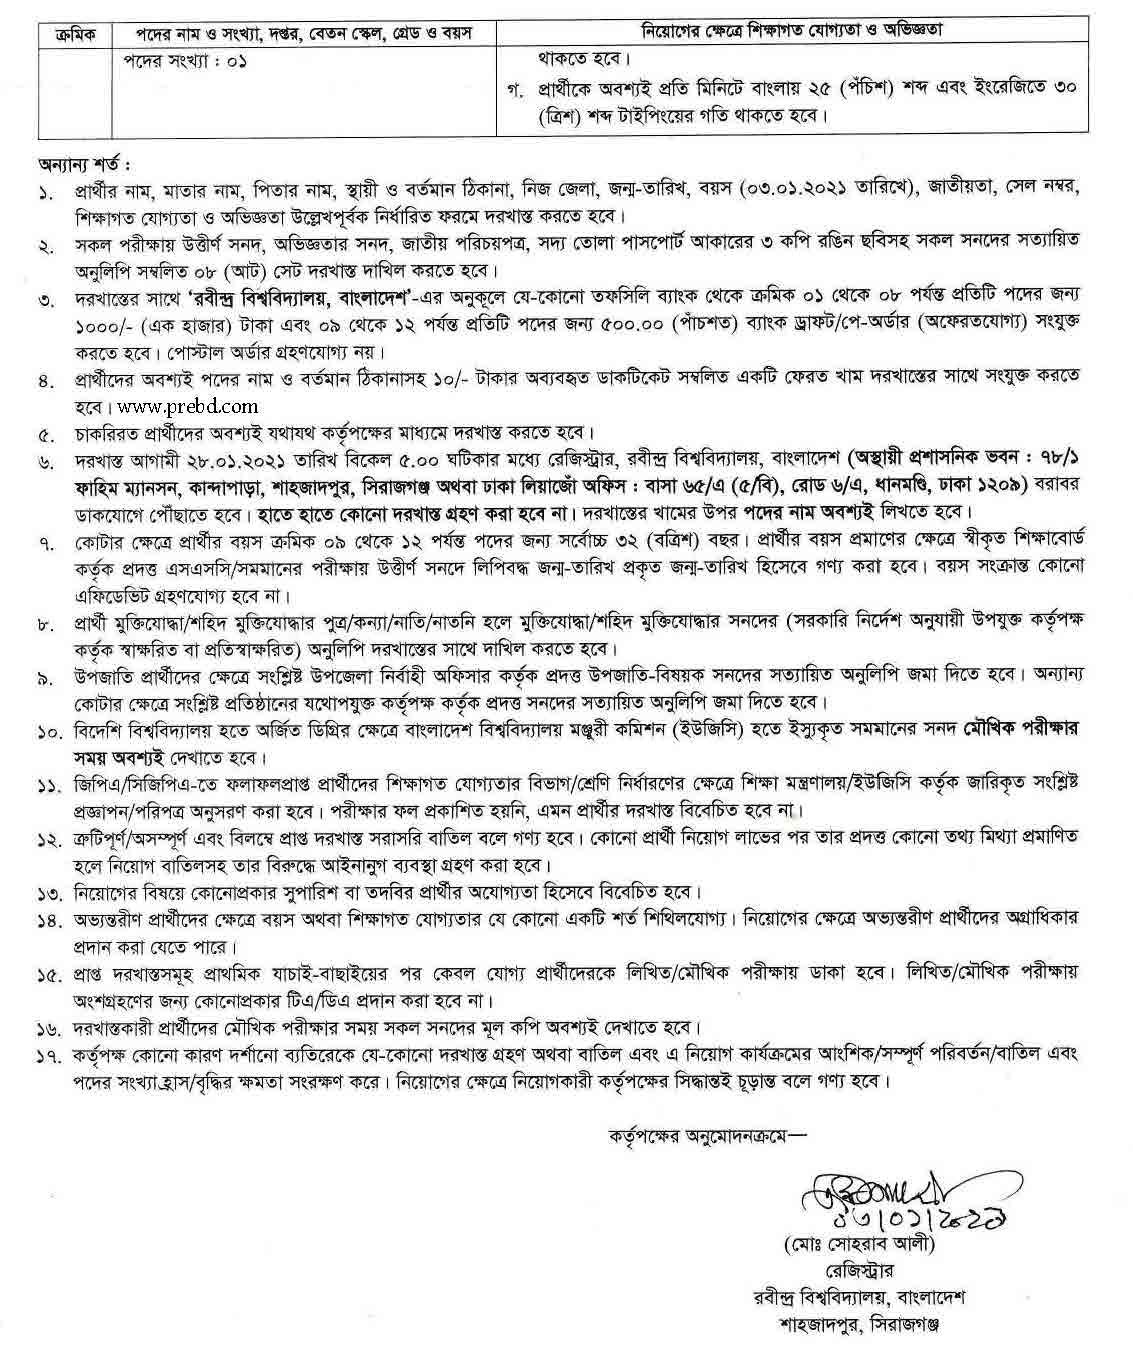 রবীন্দ্র বিশ্ববিদ্যালয়, বাংলাদেশ এ নিয়োগ বিজ্ঞপ্তি ২০২১ | www.rub.ac.bd Job circular 20211_Page_3.jpg